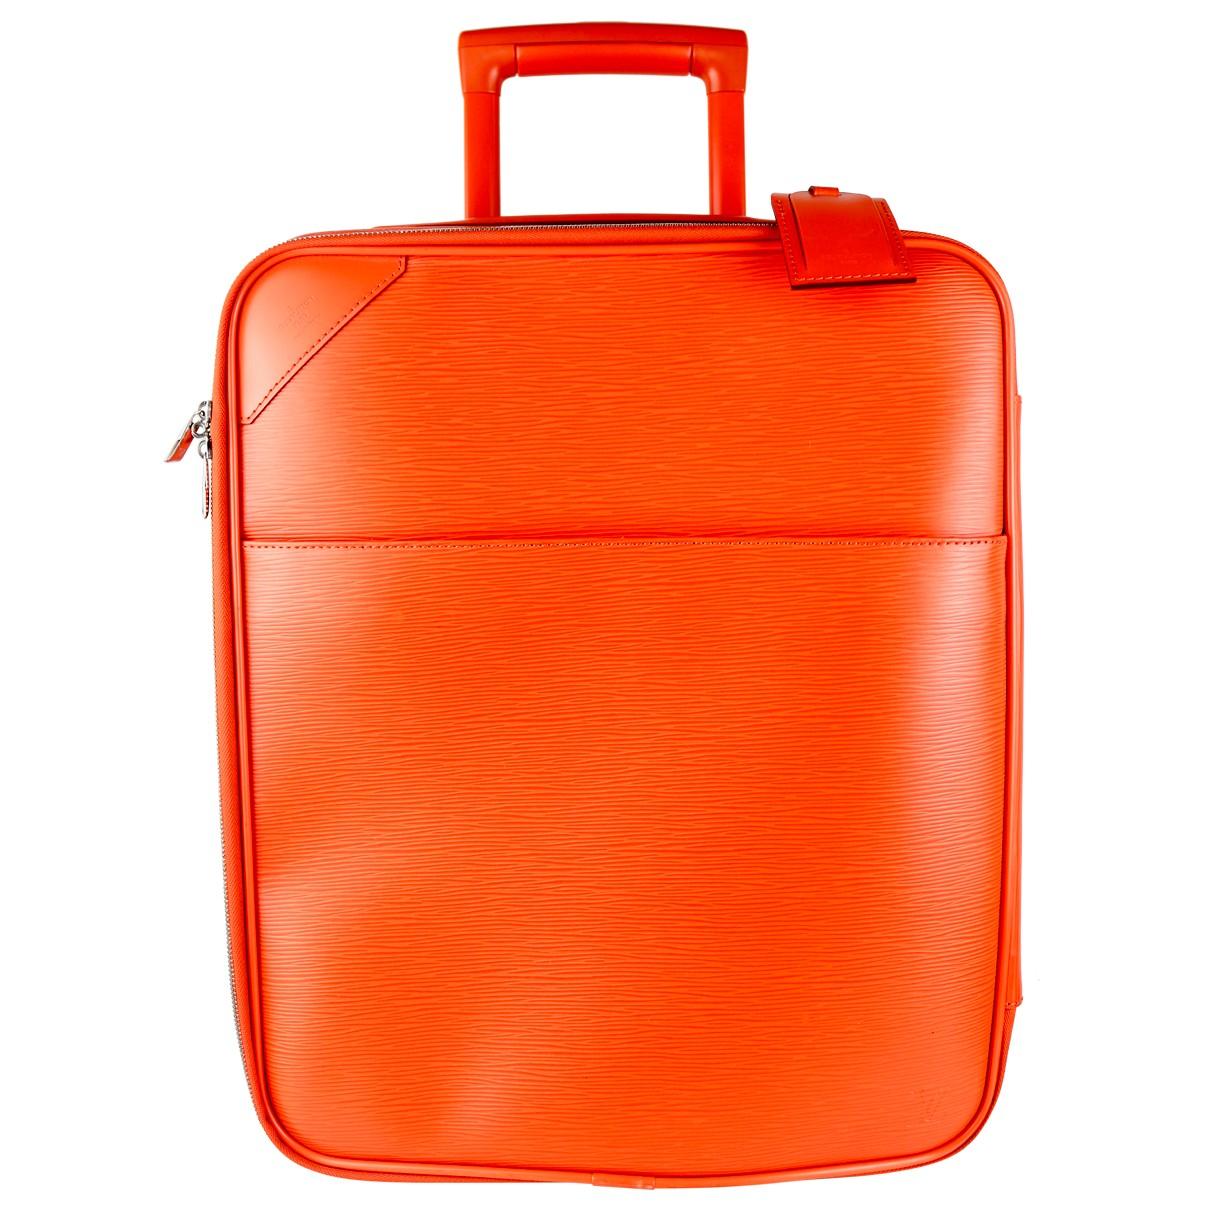 Louis Vuitton - Sac de voyage Pegase pour femme en cuir - orange